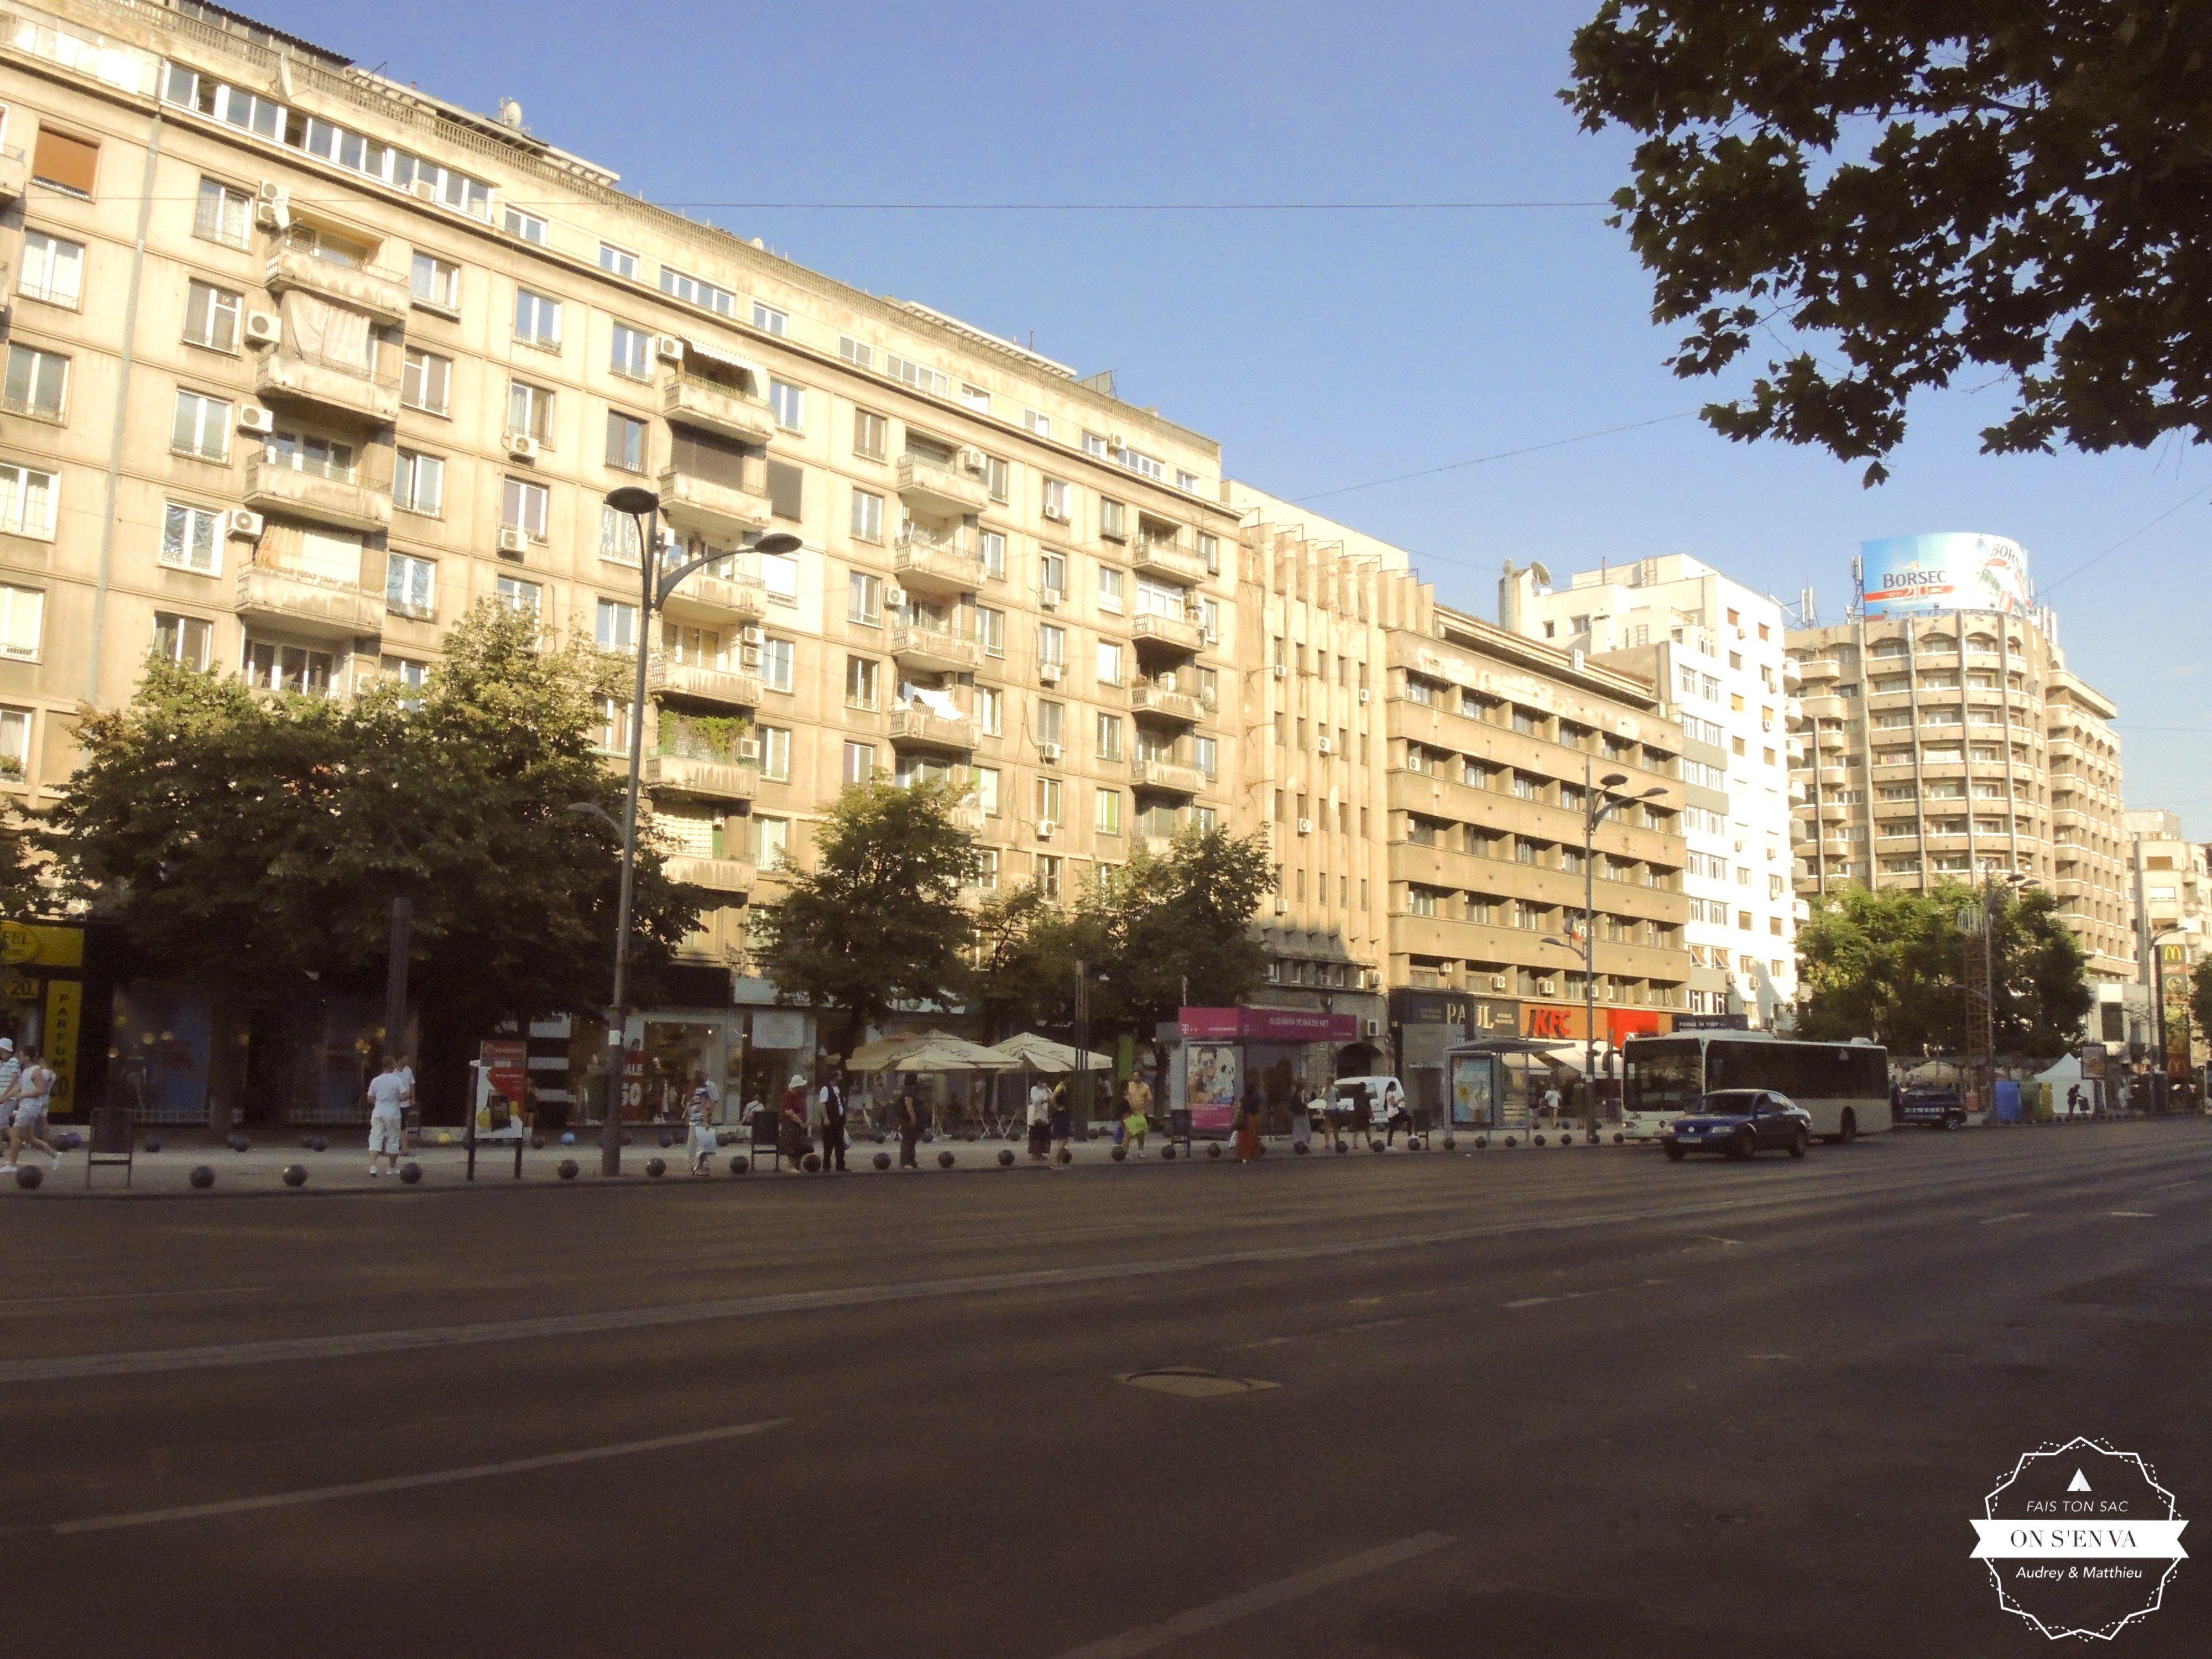 Boulevard de l'Université